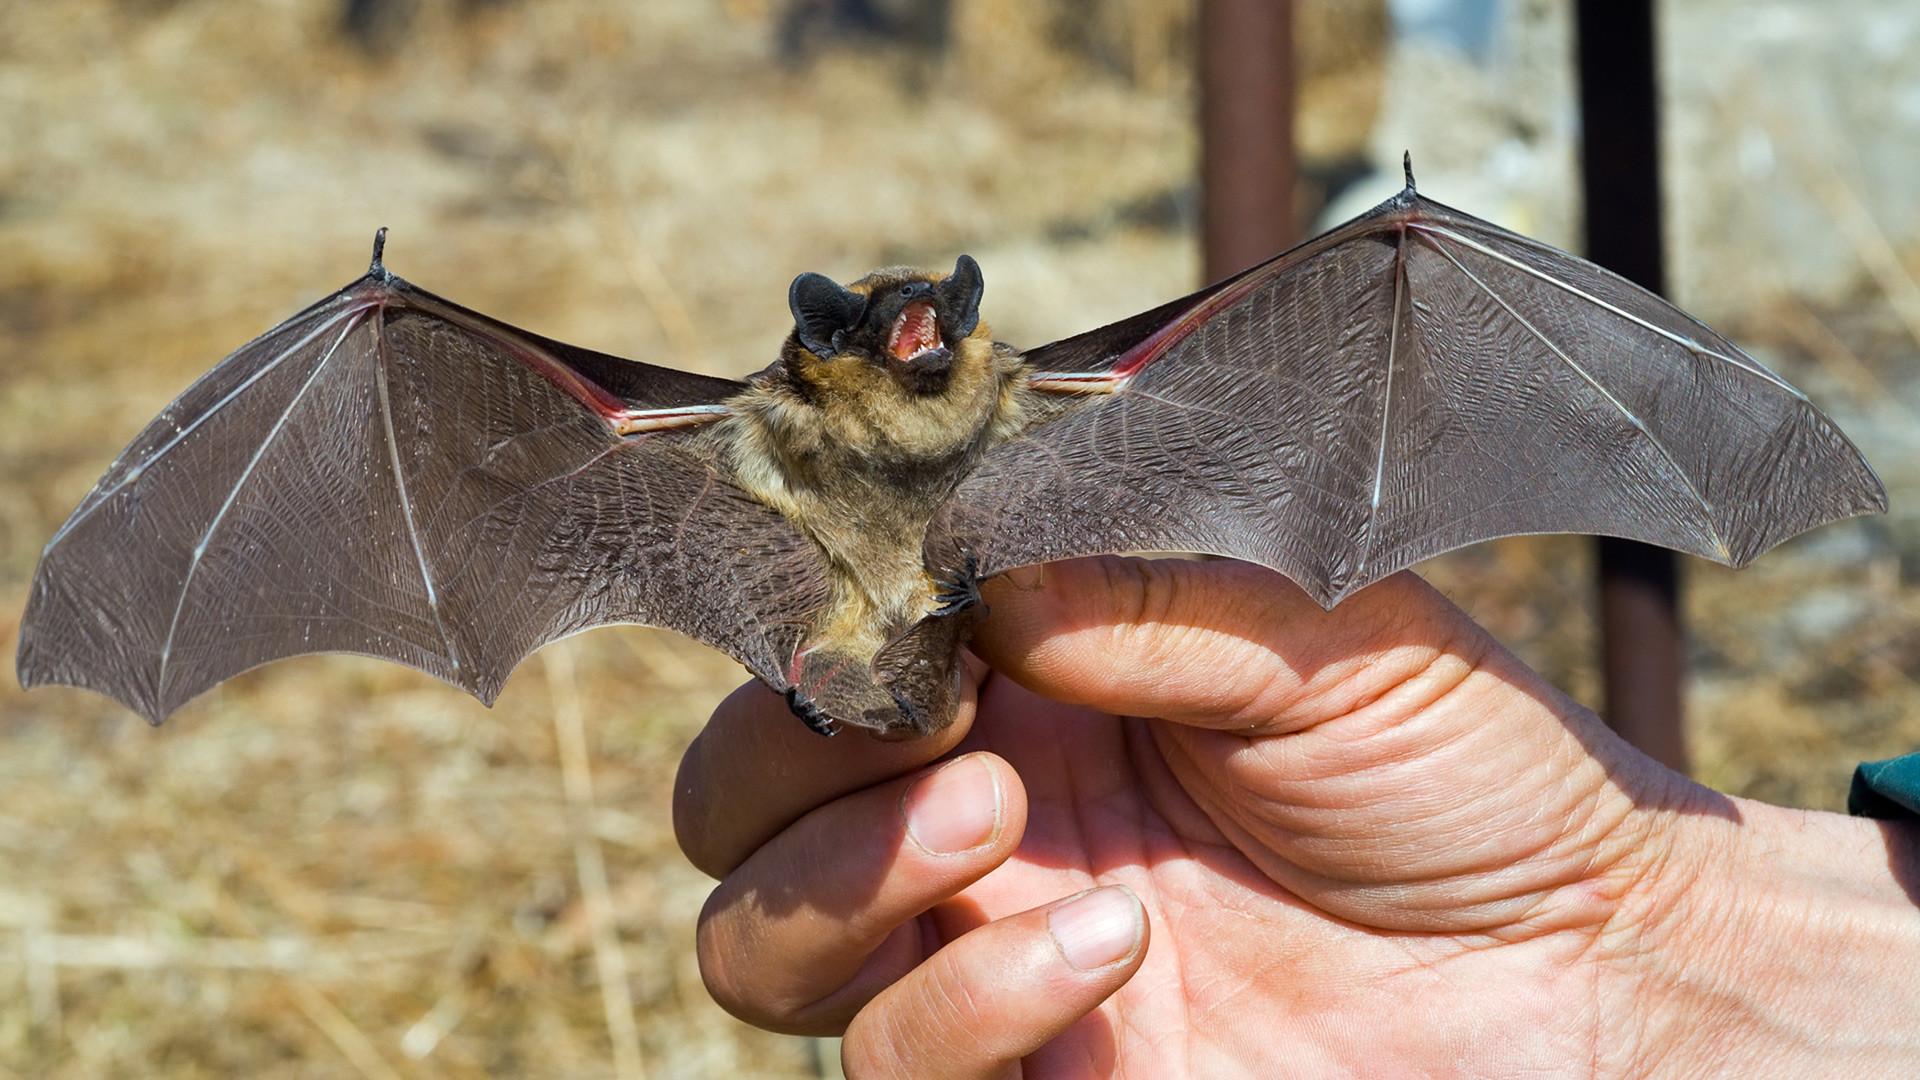 людей картинки про летучих мышей это